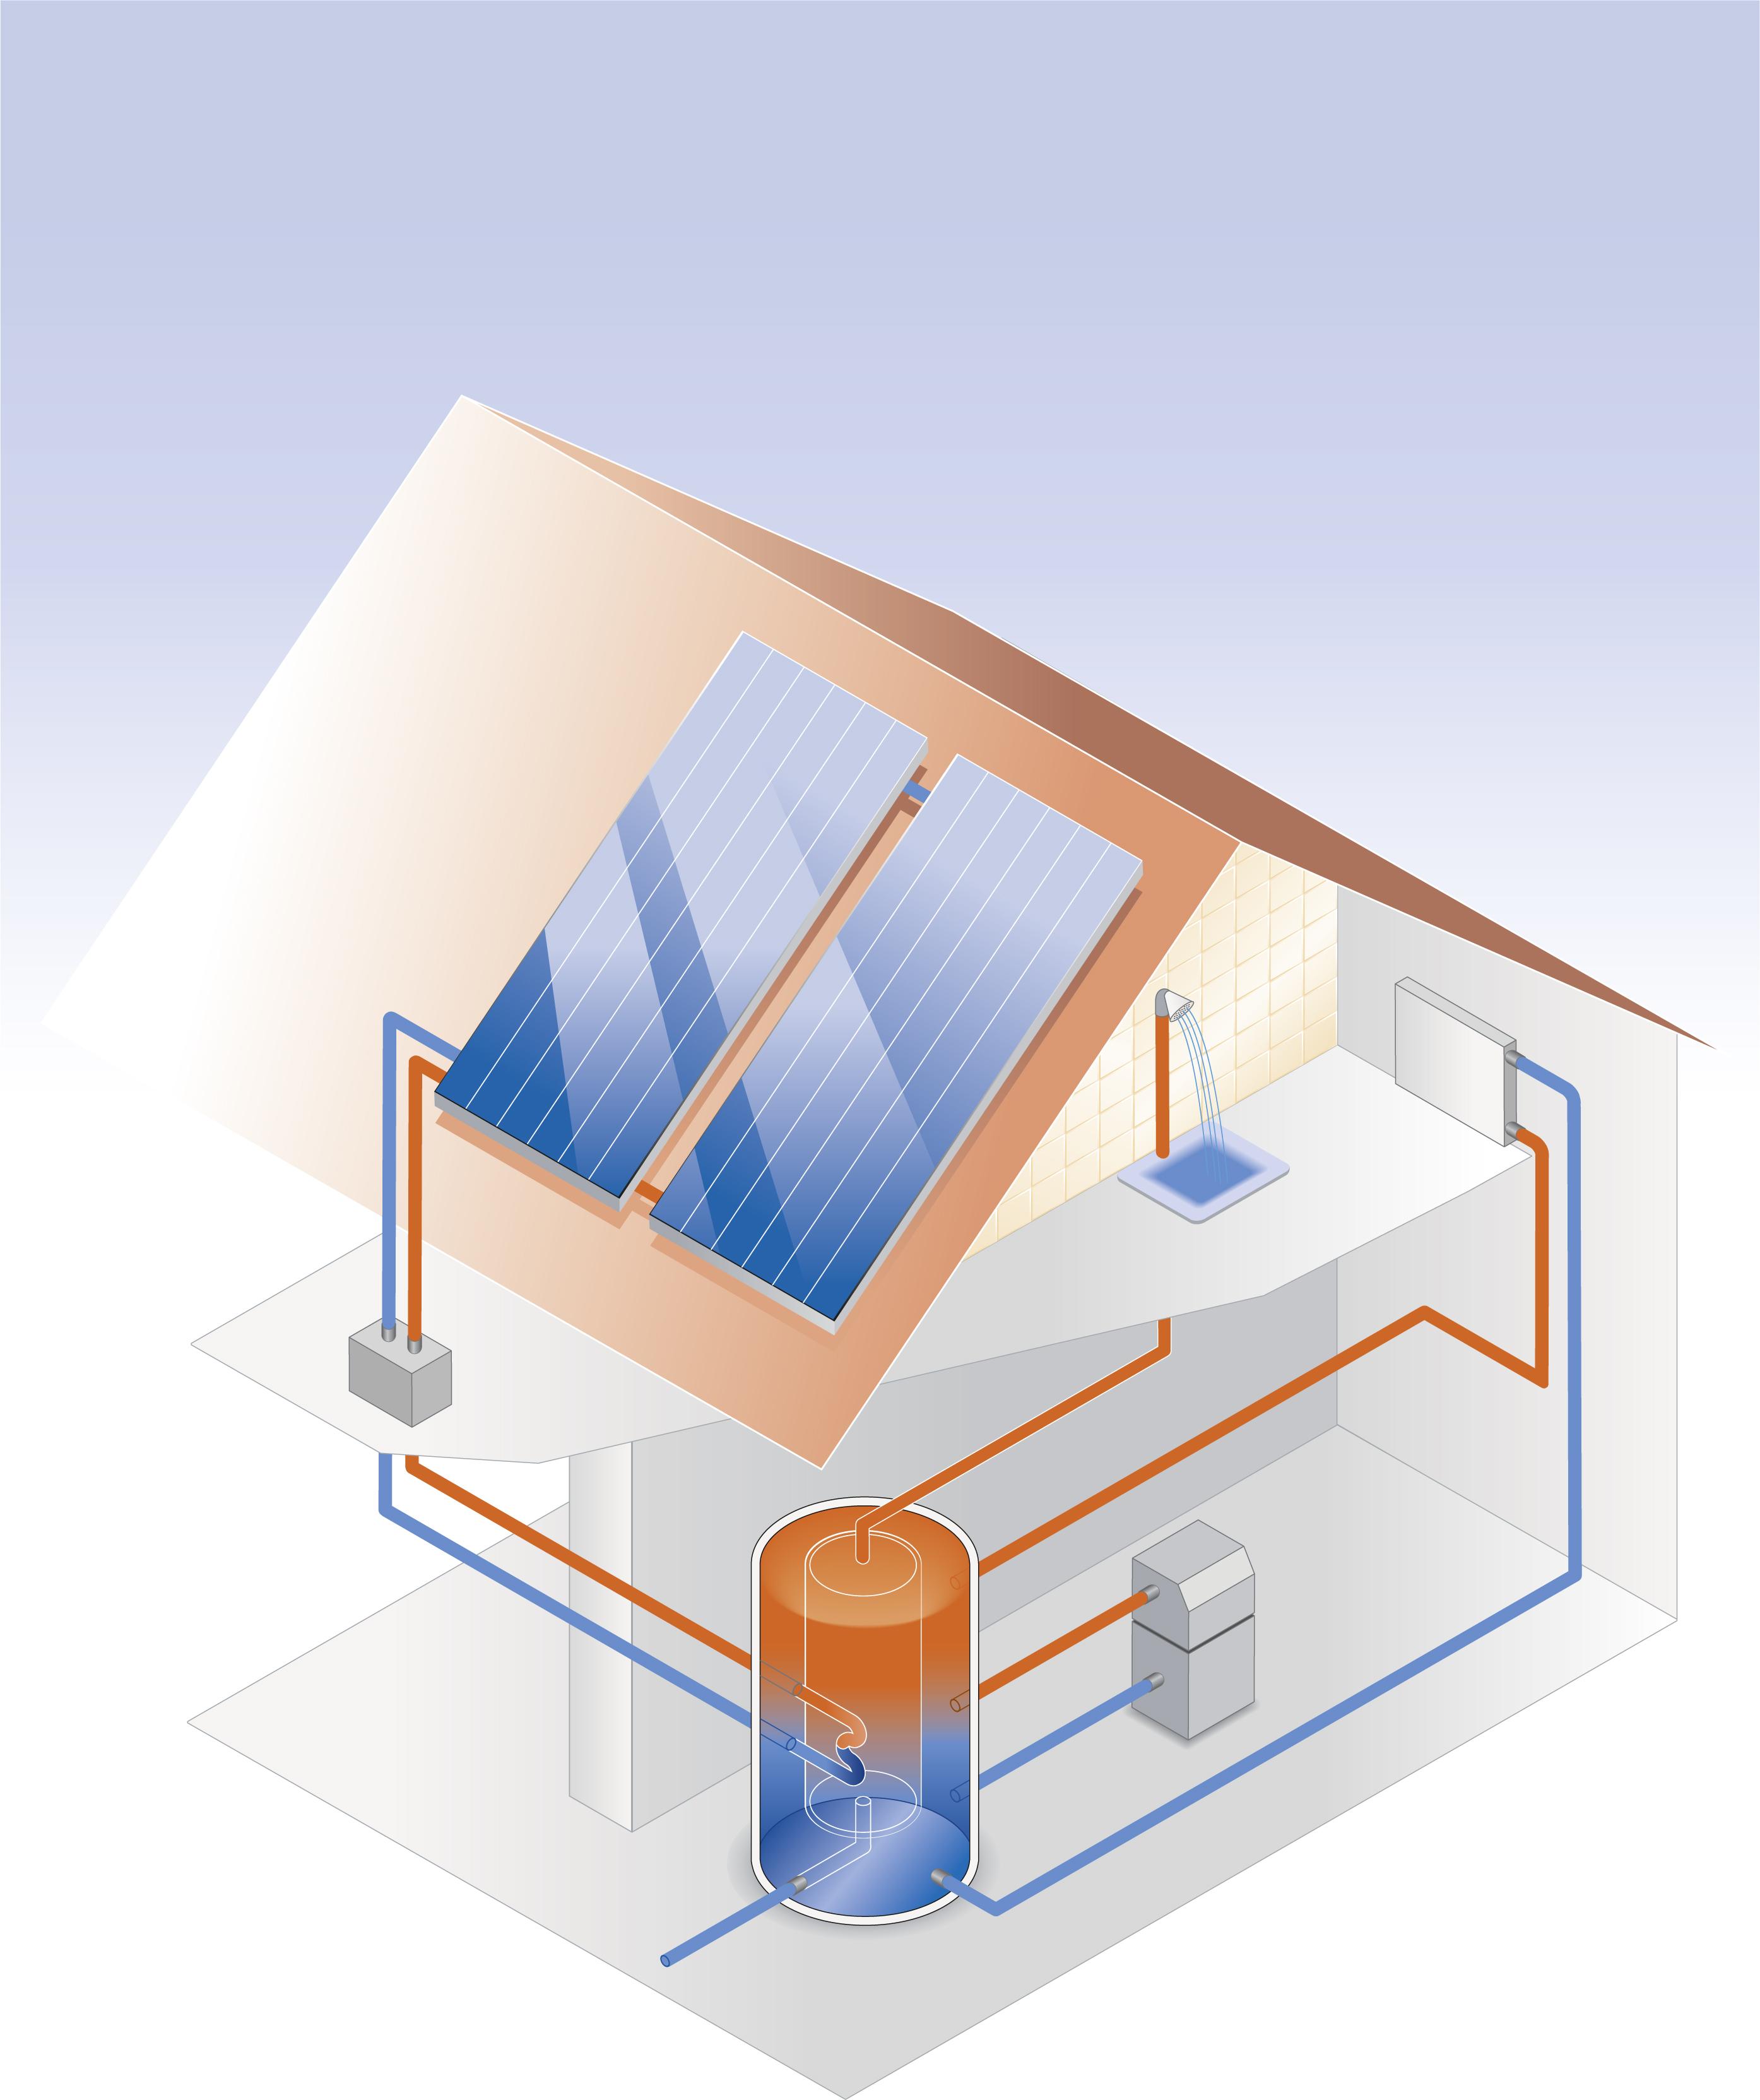 comment fonctionne le solaire thermique solvari. Black Bedroom Furniture Sets. Home Design Ideas